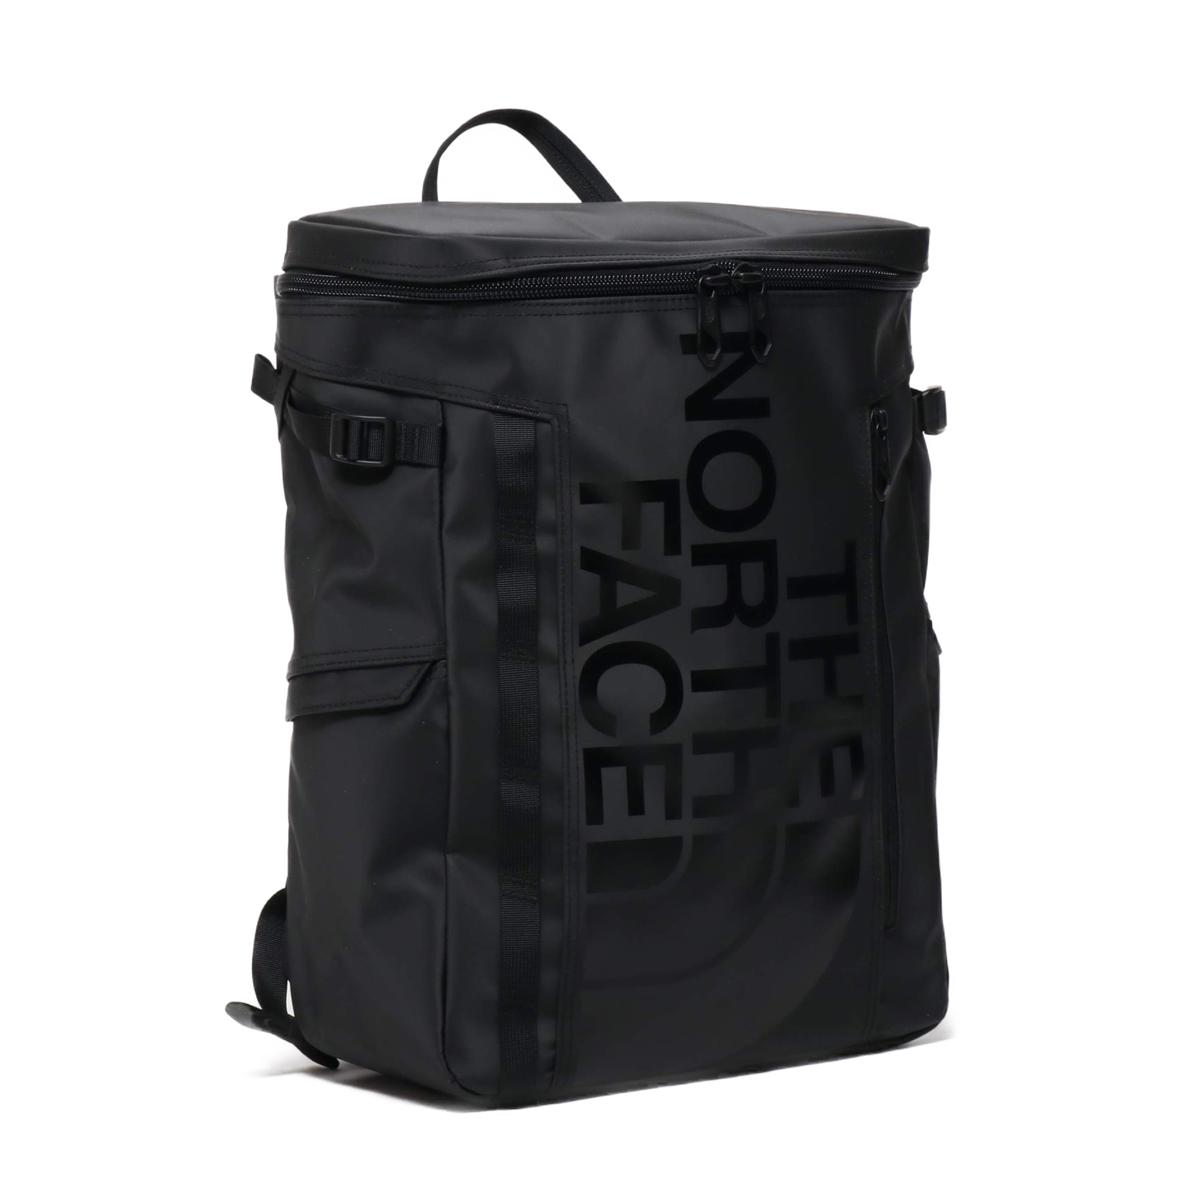 THE NORTH FACE BC FUSE BOX II(ザ・ノース・フェイス ベースキャンプヒューズボックス)BLACK【メンズ レディース バックパック】20SS-I